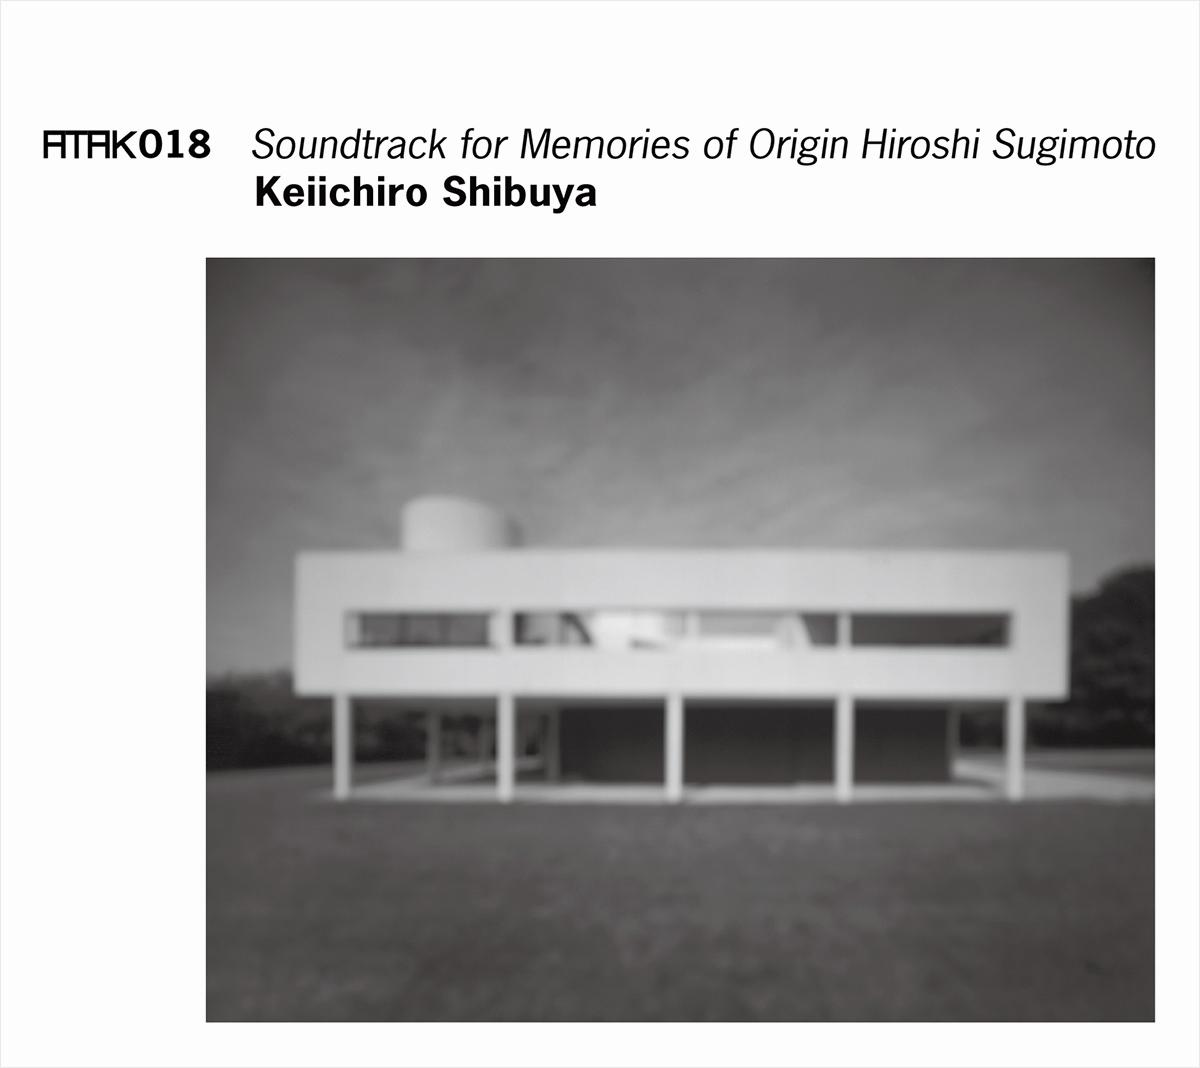 ATAK018 Soundtrack for Memories of Origin Hiroshi Sugimoto